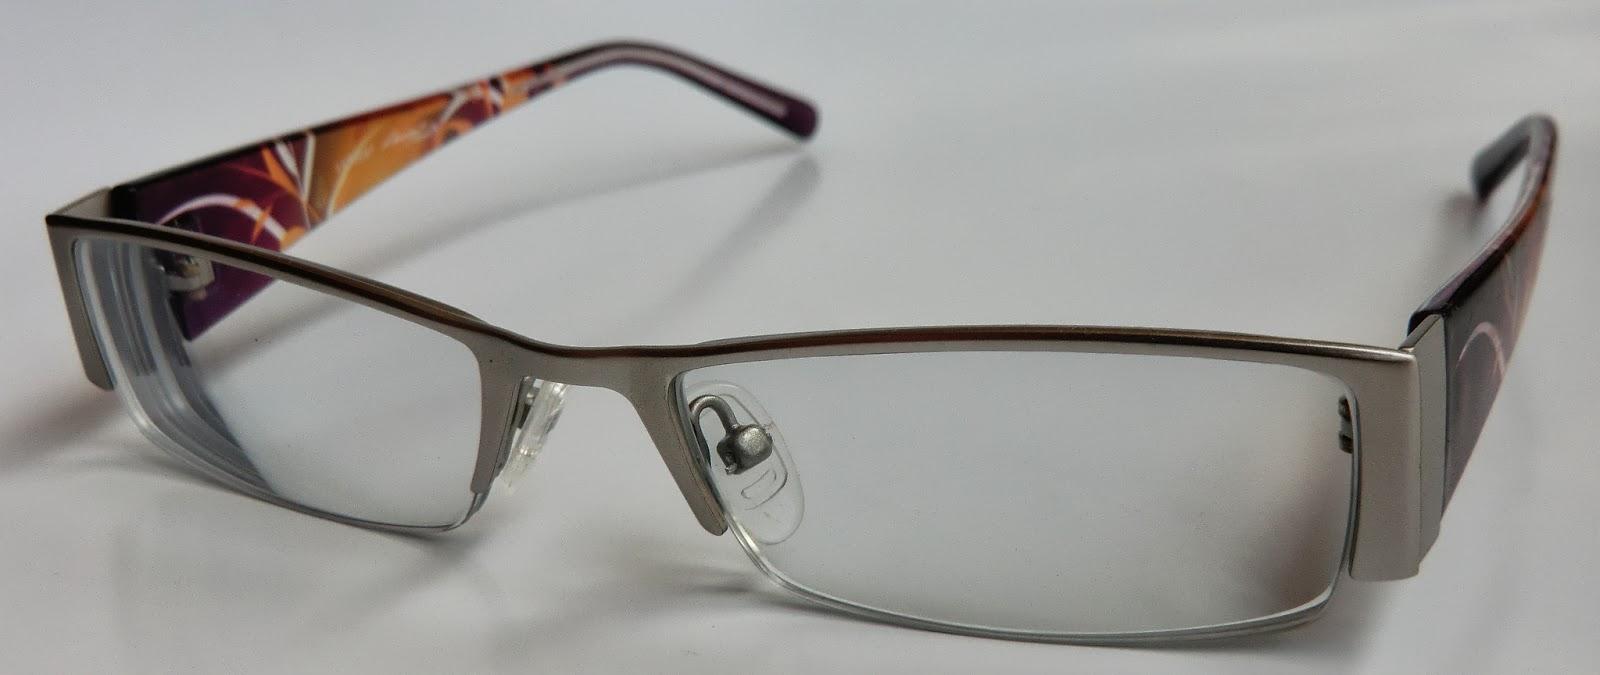 Lenas Sofa: Eine neue Brille von Lensbest